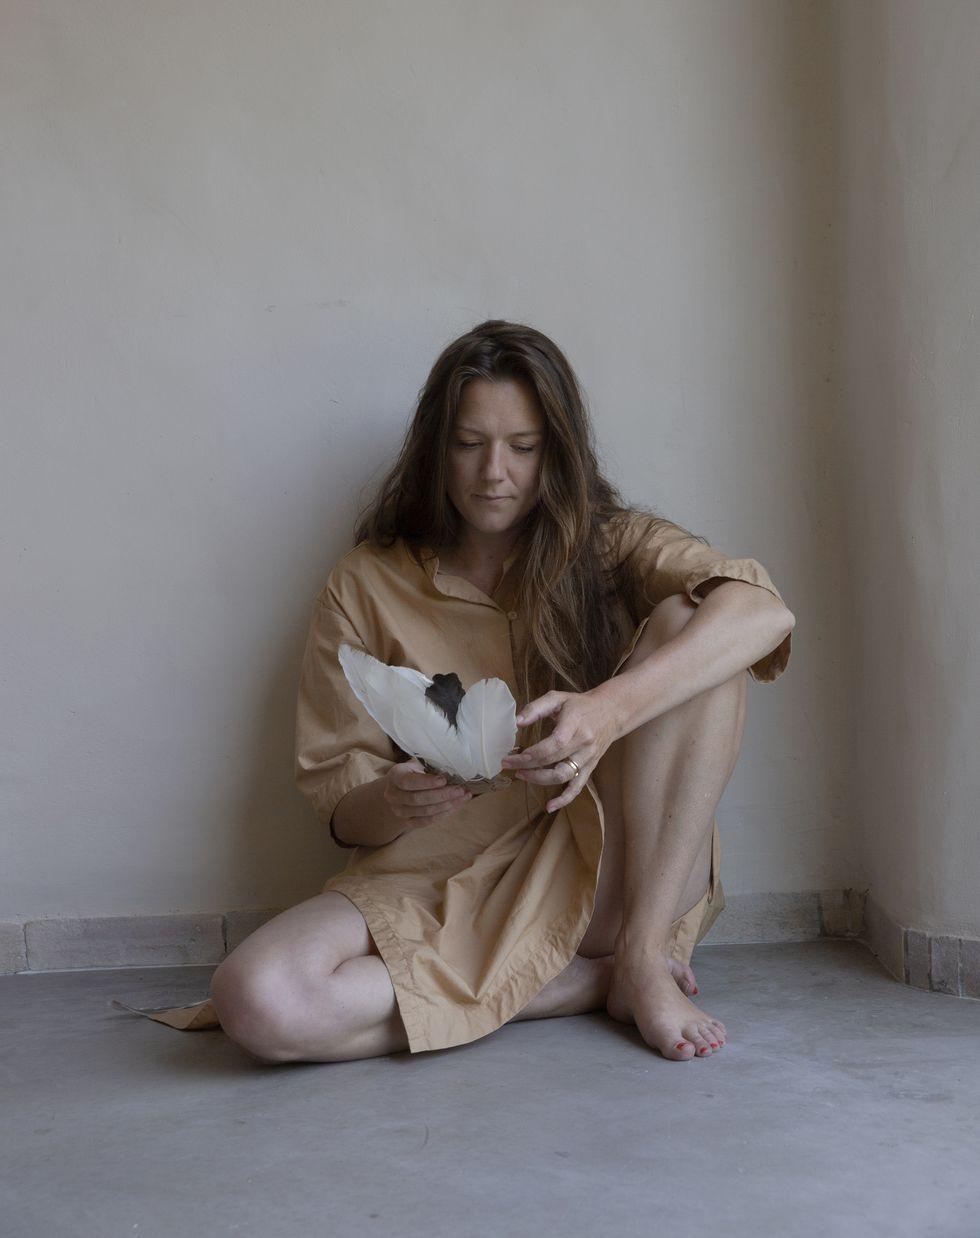 Tove Folkesson, född 1981, är författare. Hon tilldelades SvD:s litteraturpris 2017.